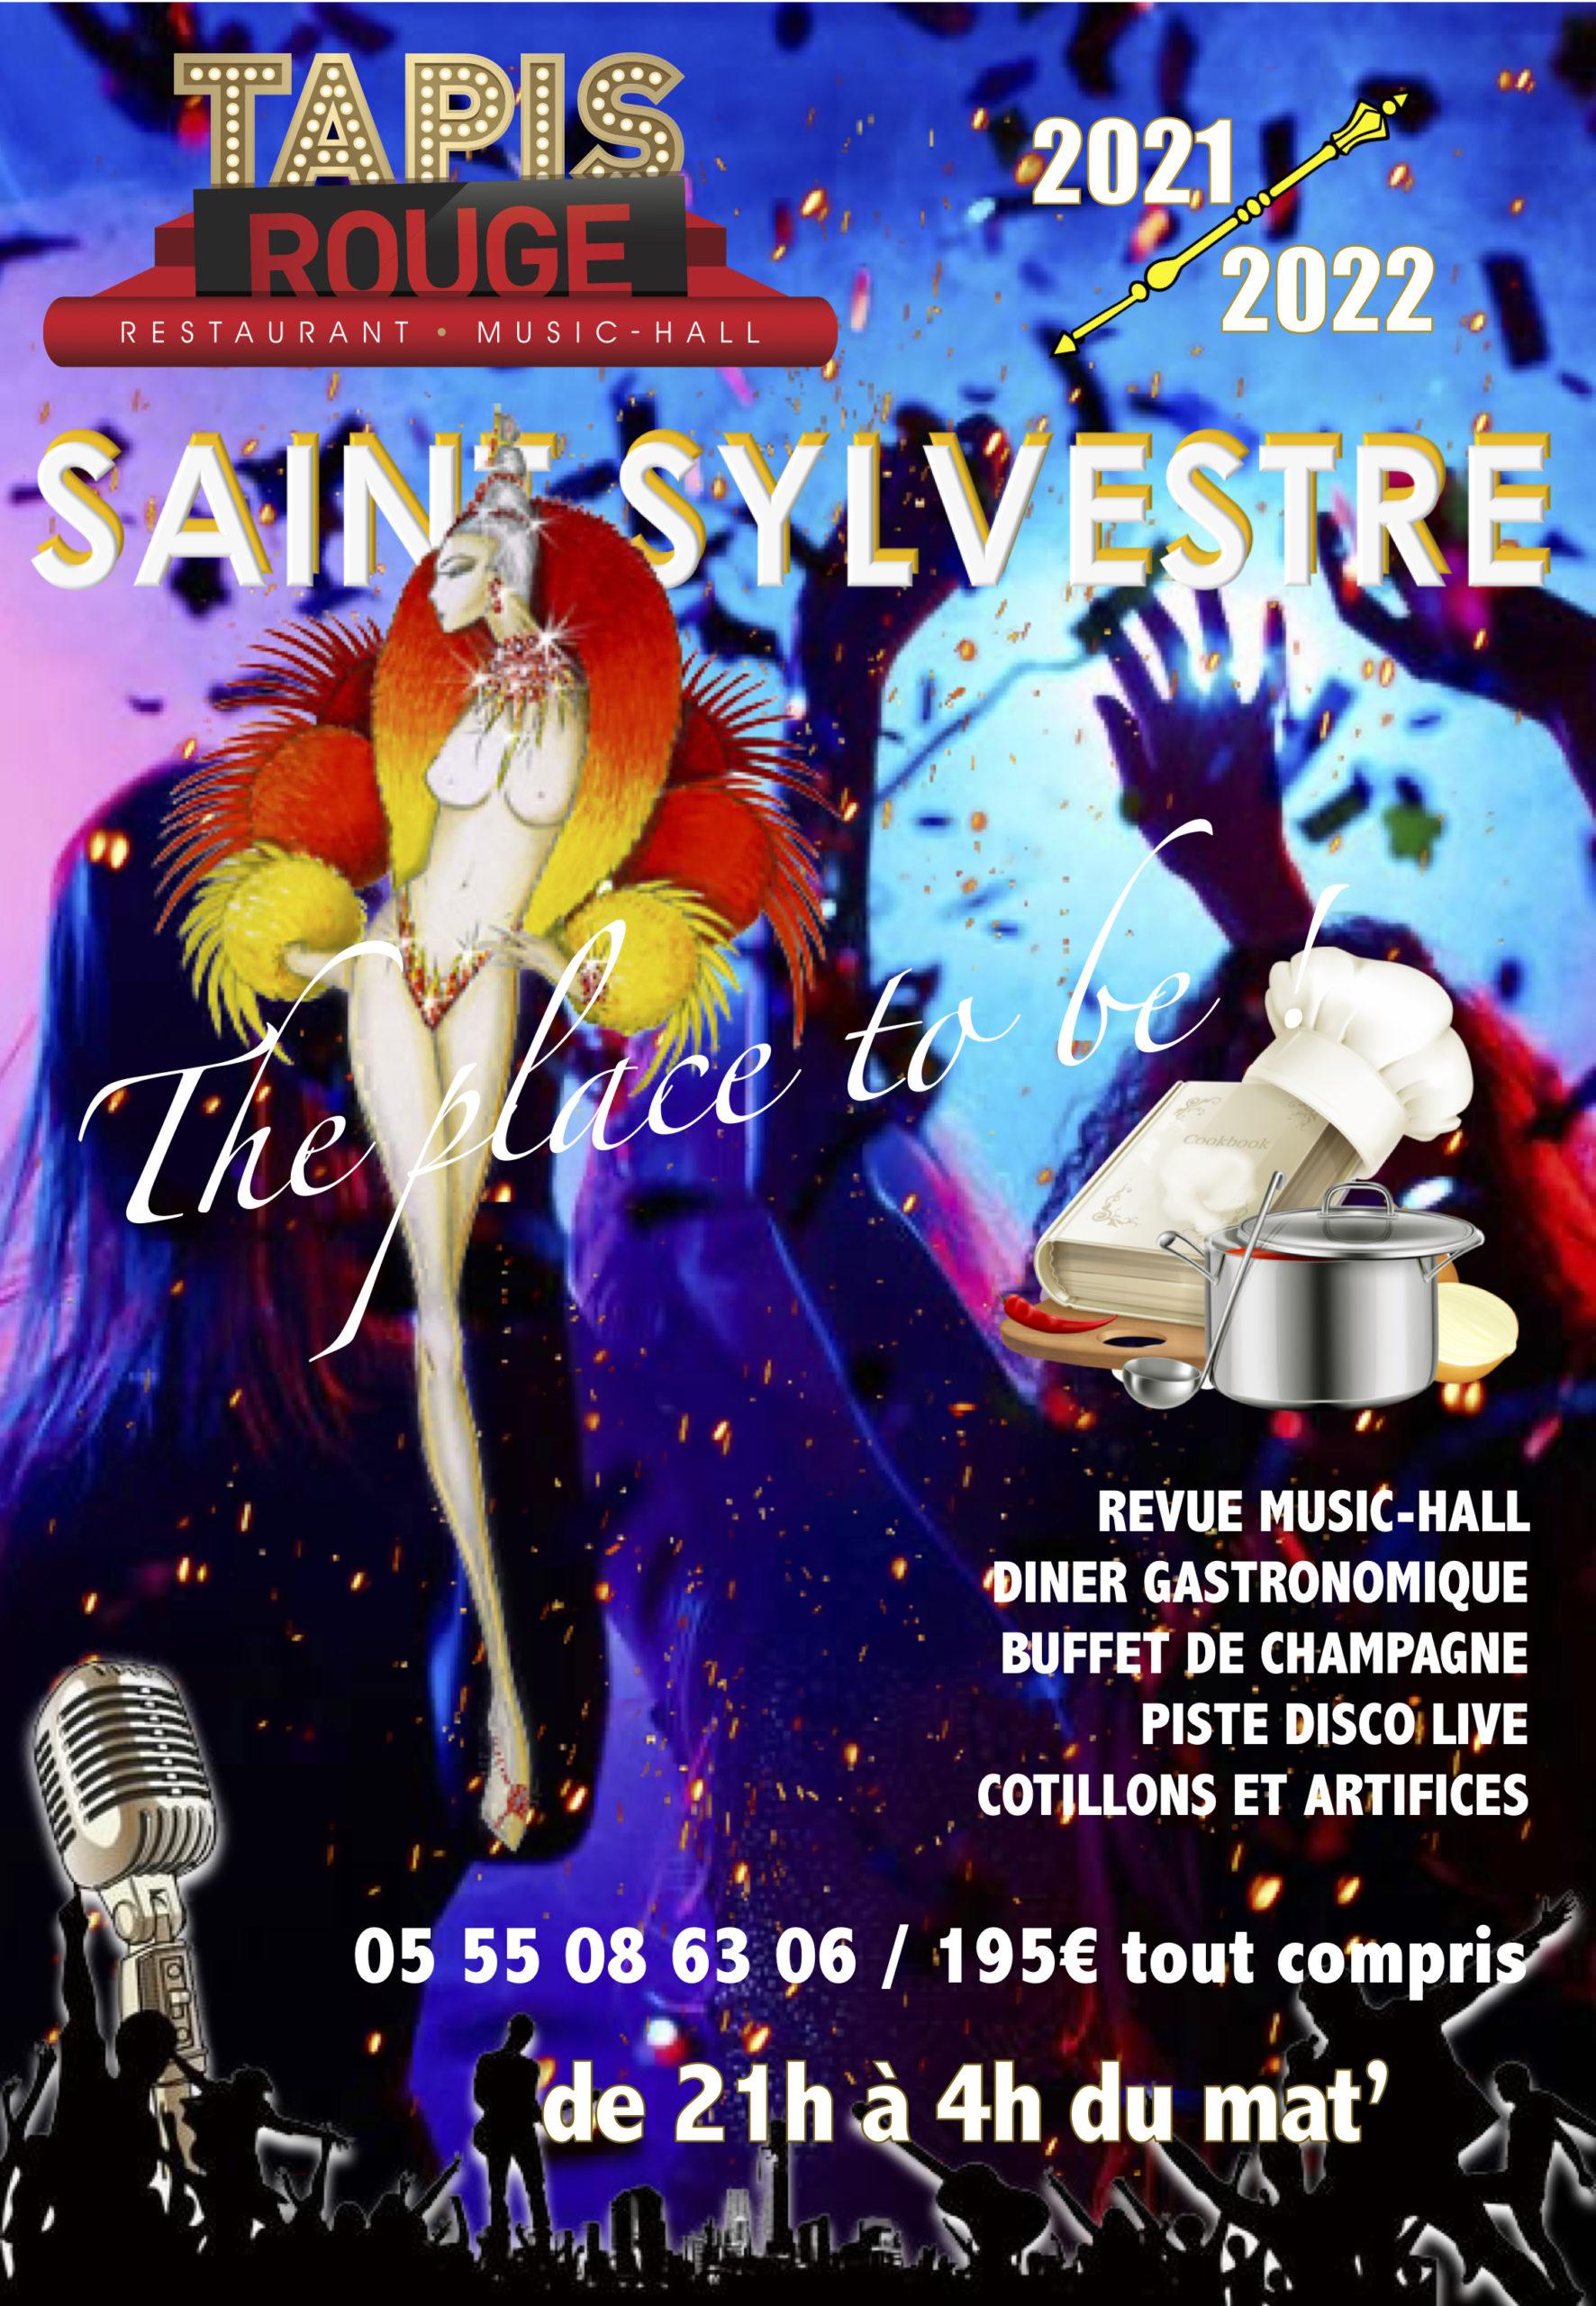 Limoges : Cabaret Tapis Rouge : Réveillon de la Saint Sylvestre